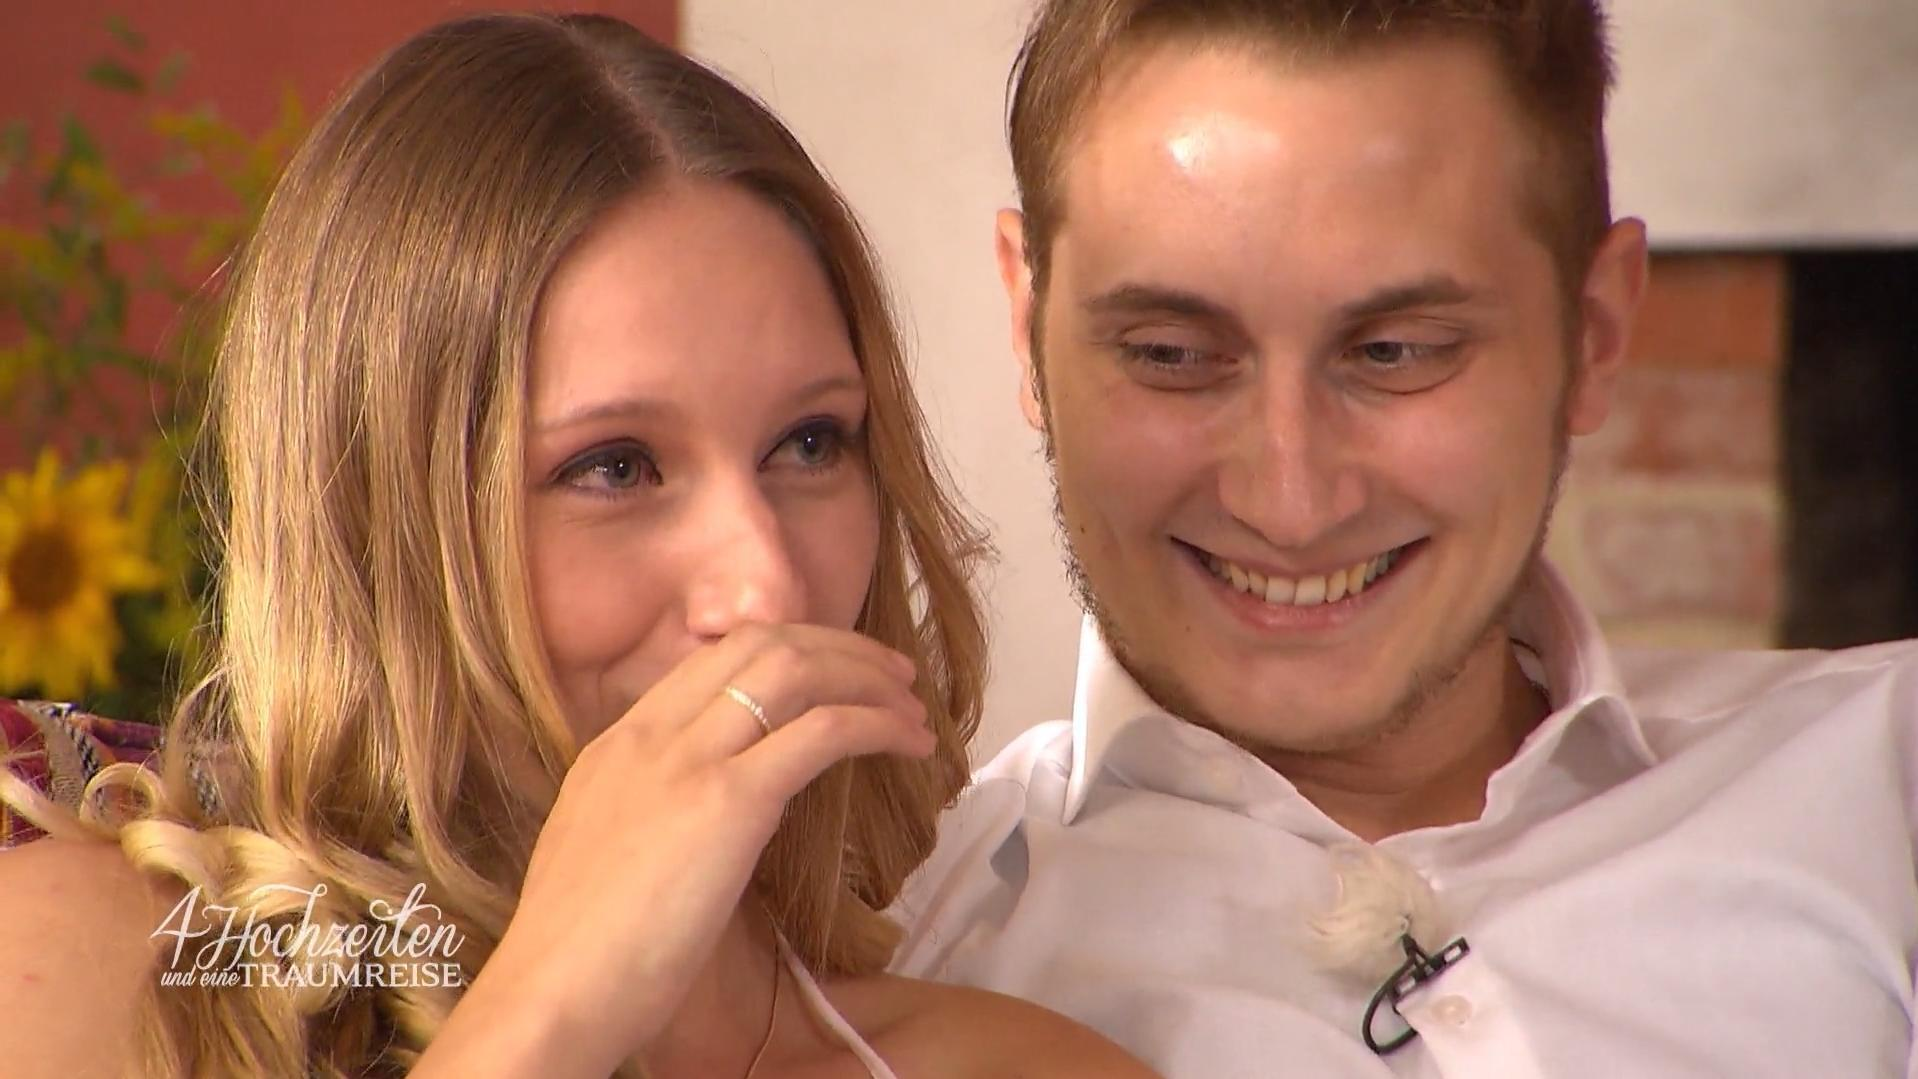 4 Hochzeiten Und Eine Traumreise Die Trauung Ruhrt Susanne